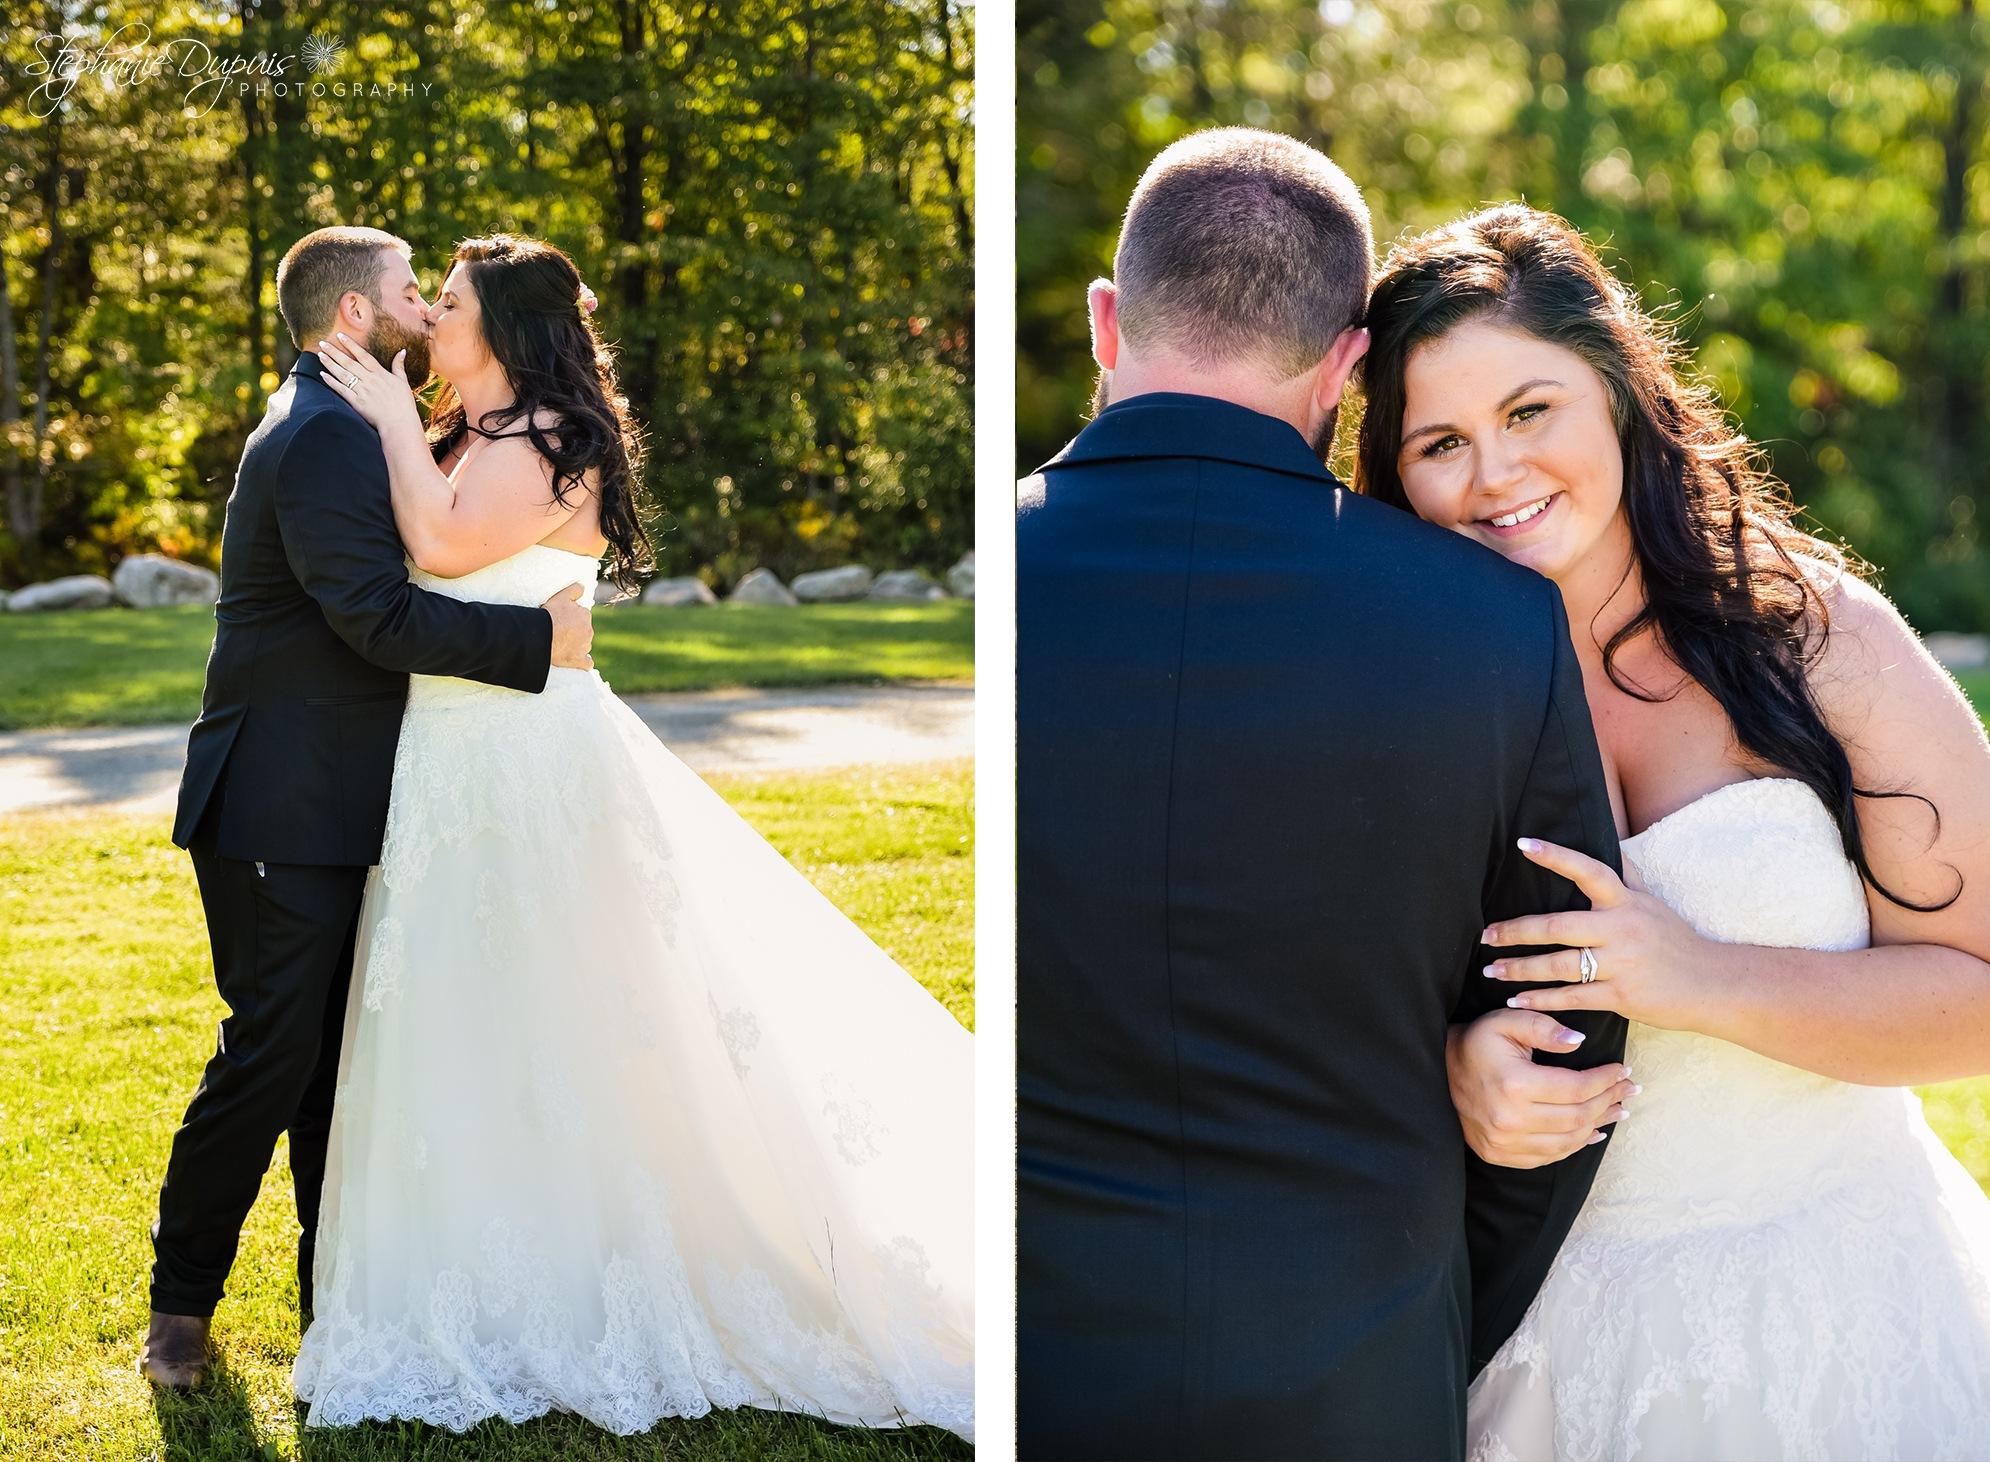 Littleton Wedding Photographer 04 1 - Portfolio: Brown Wedding